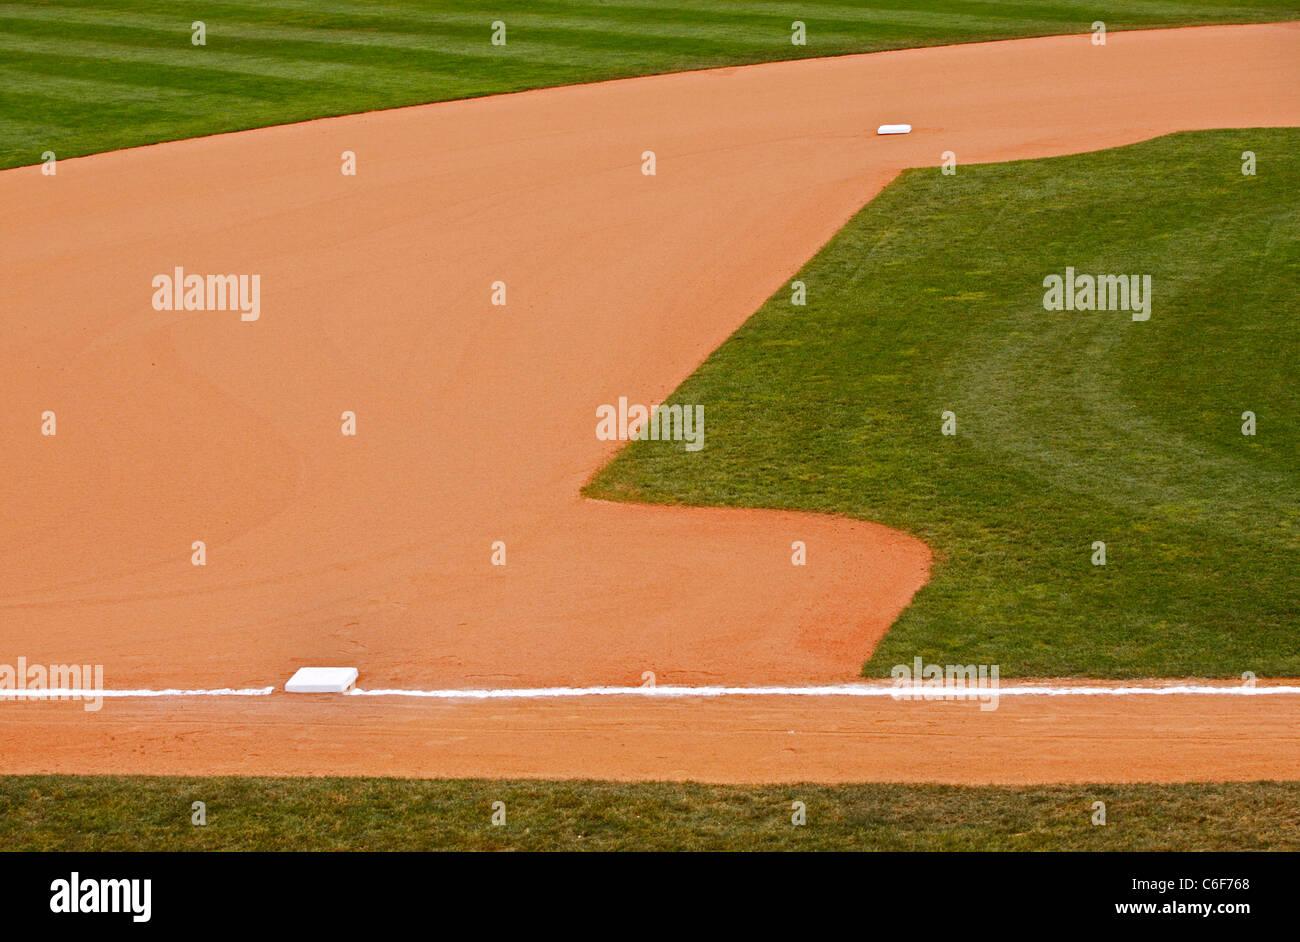 Una porzione di un baseball park di sporcizia e di erba infield mostrante la seconda e la terza le basi. Immagini Stock